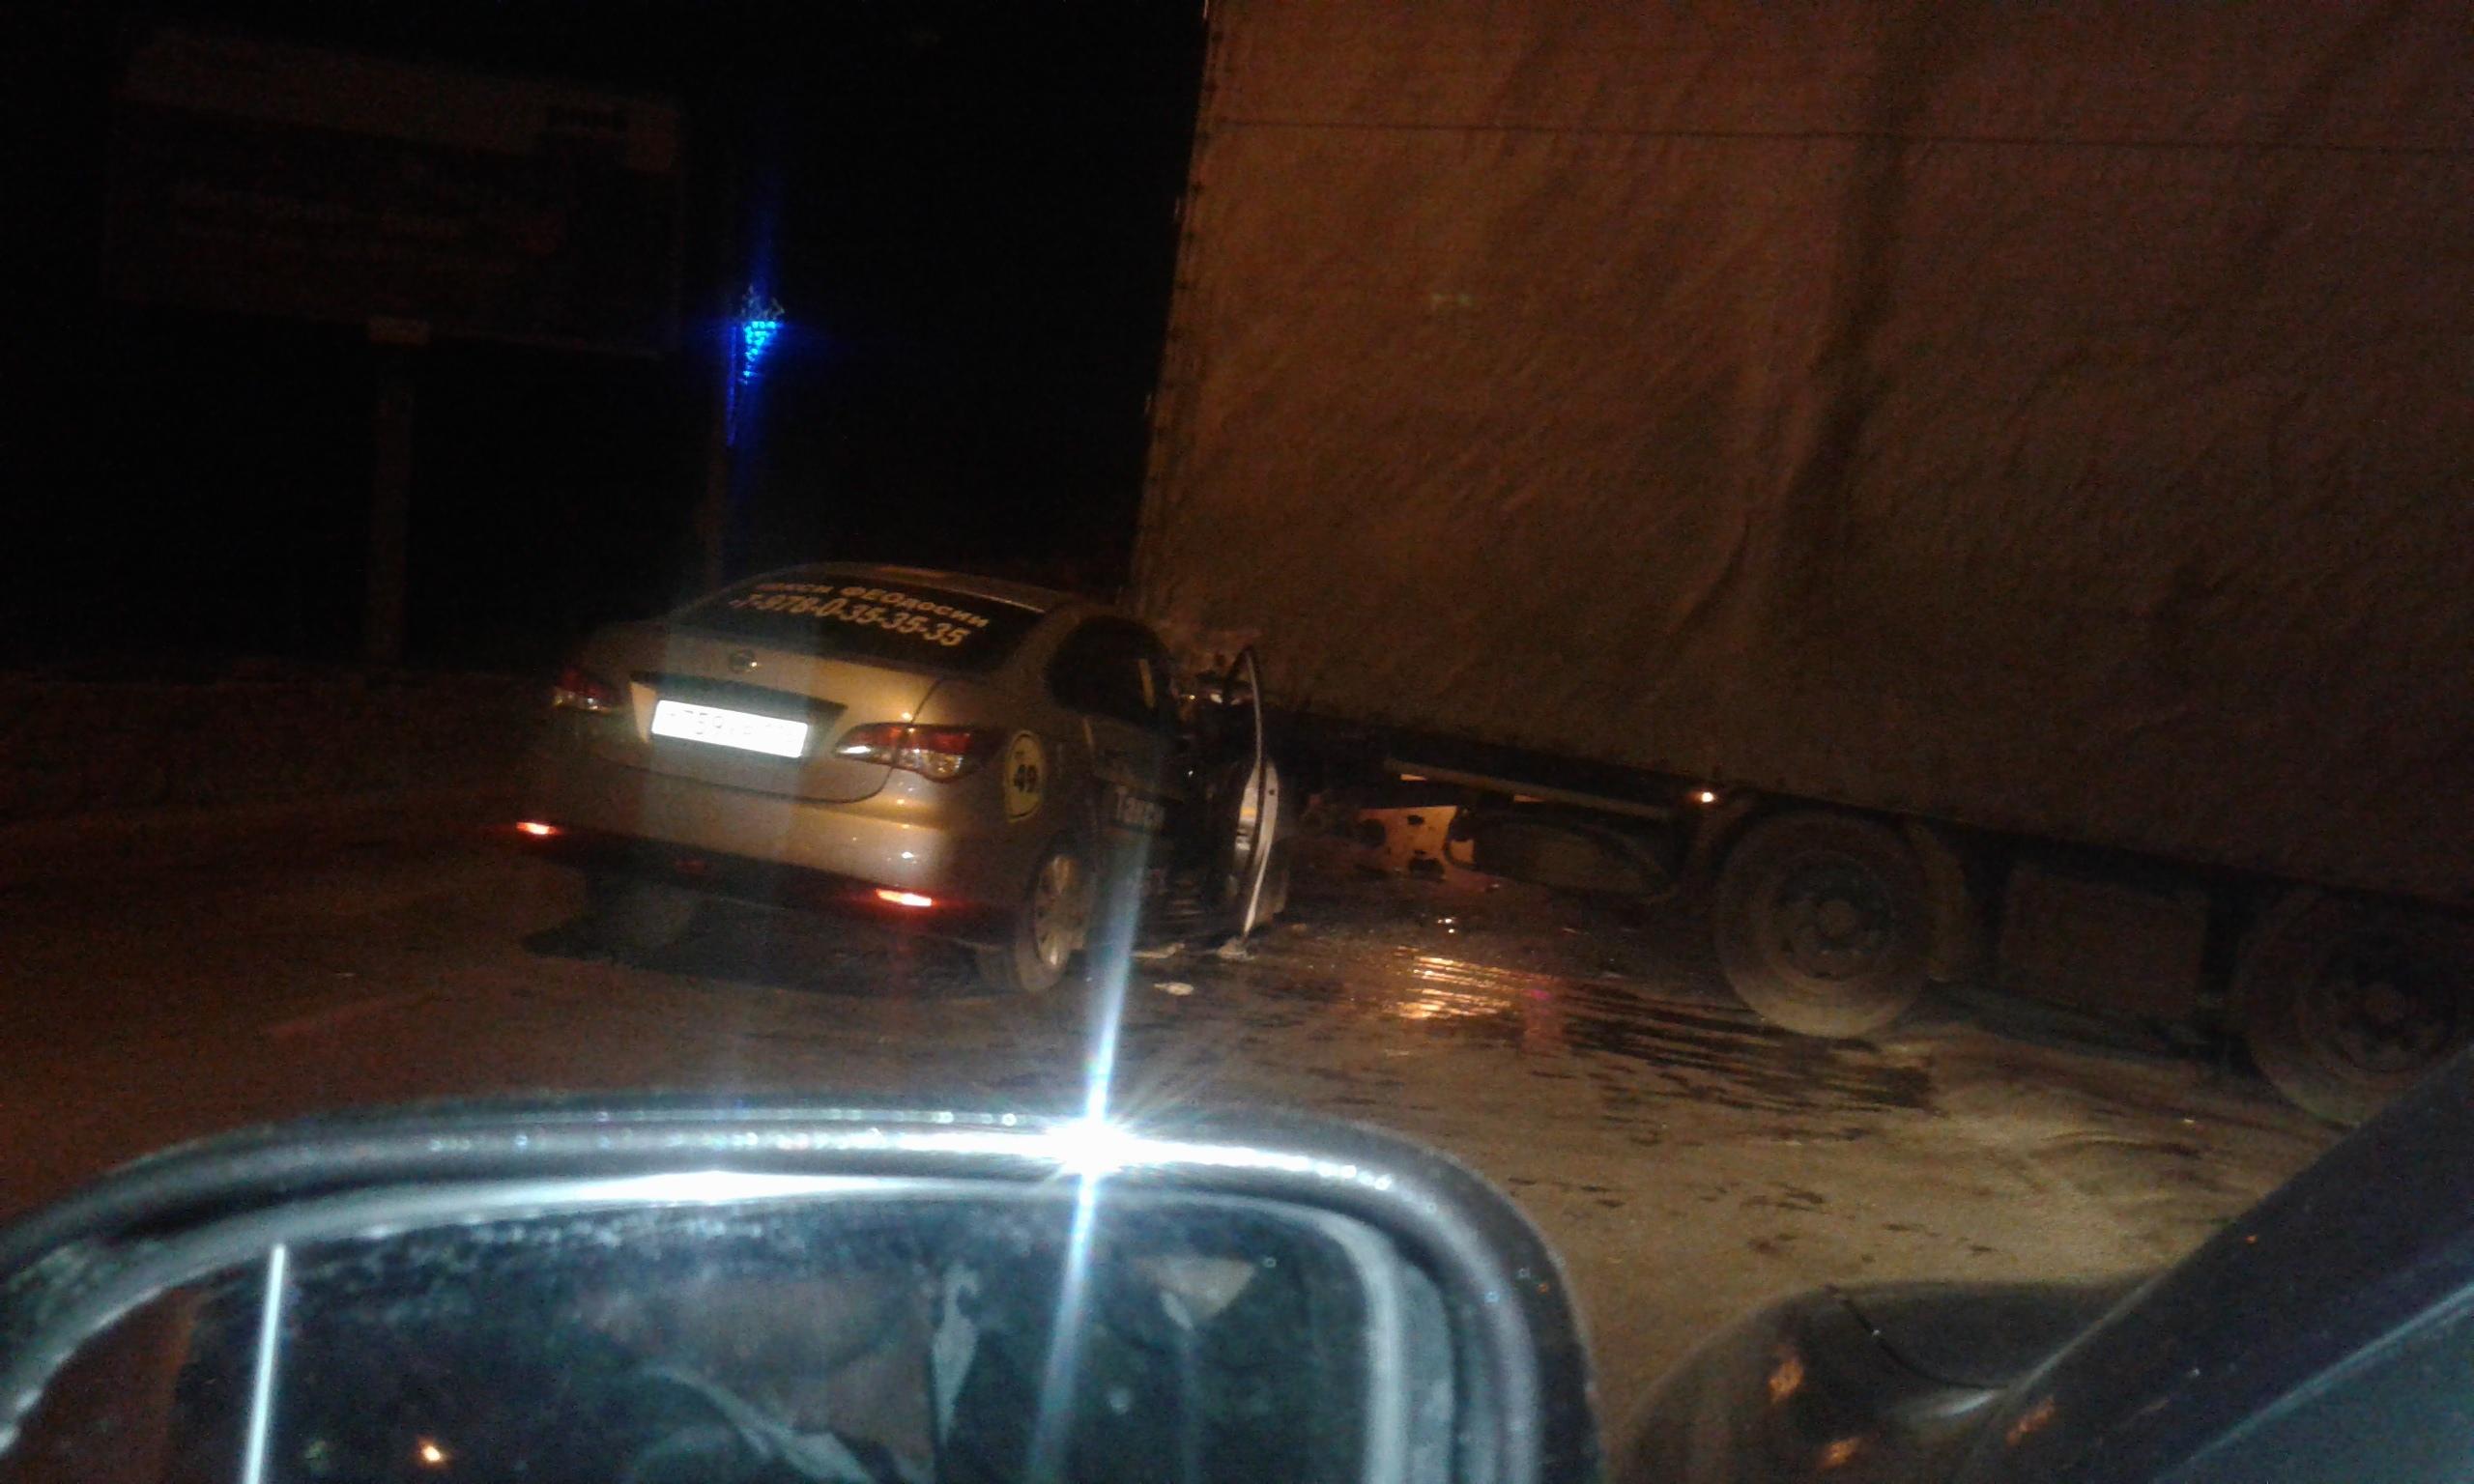 ДТП с участием грузовика в Феодосии – трое пострадавших (фото)